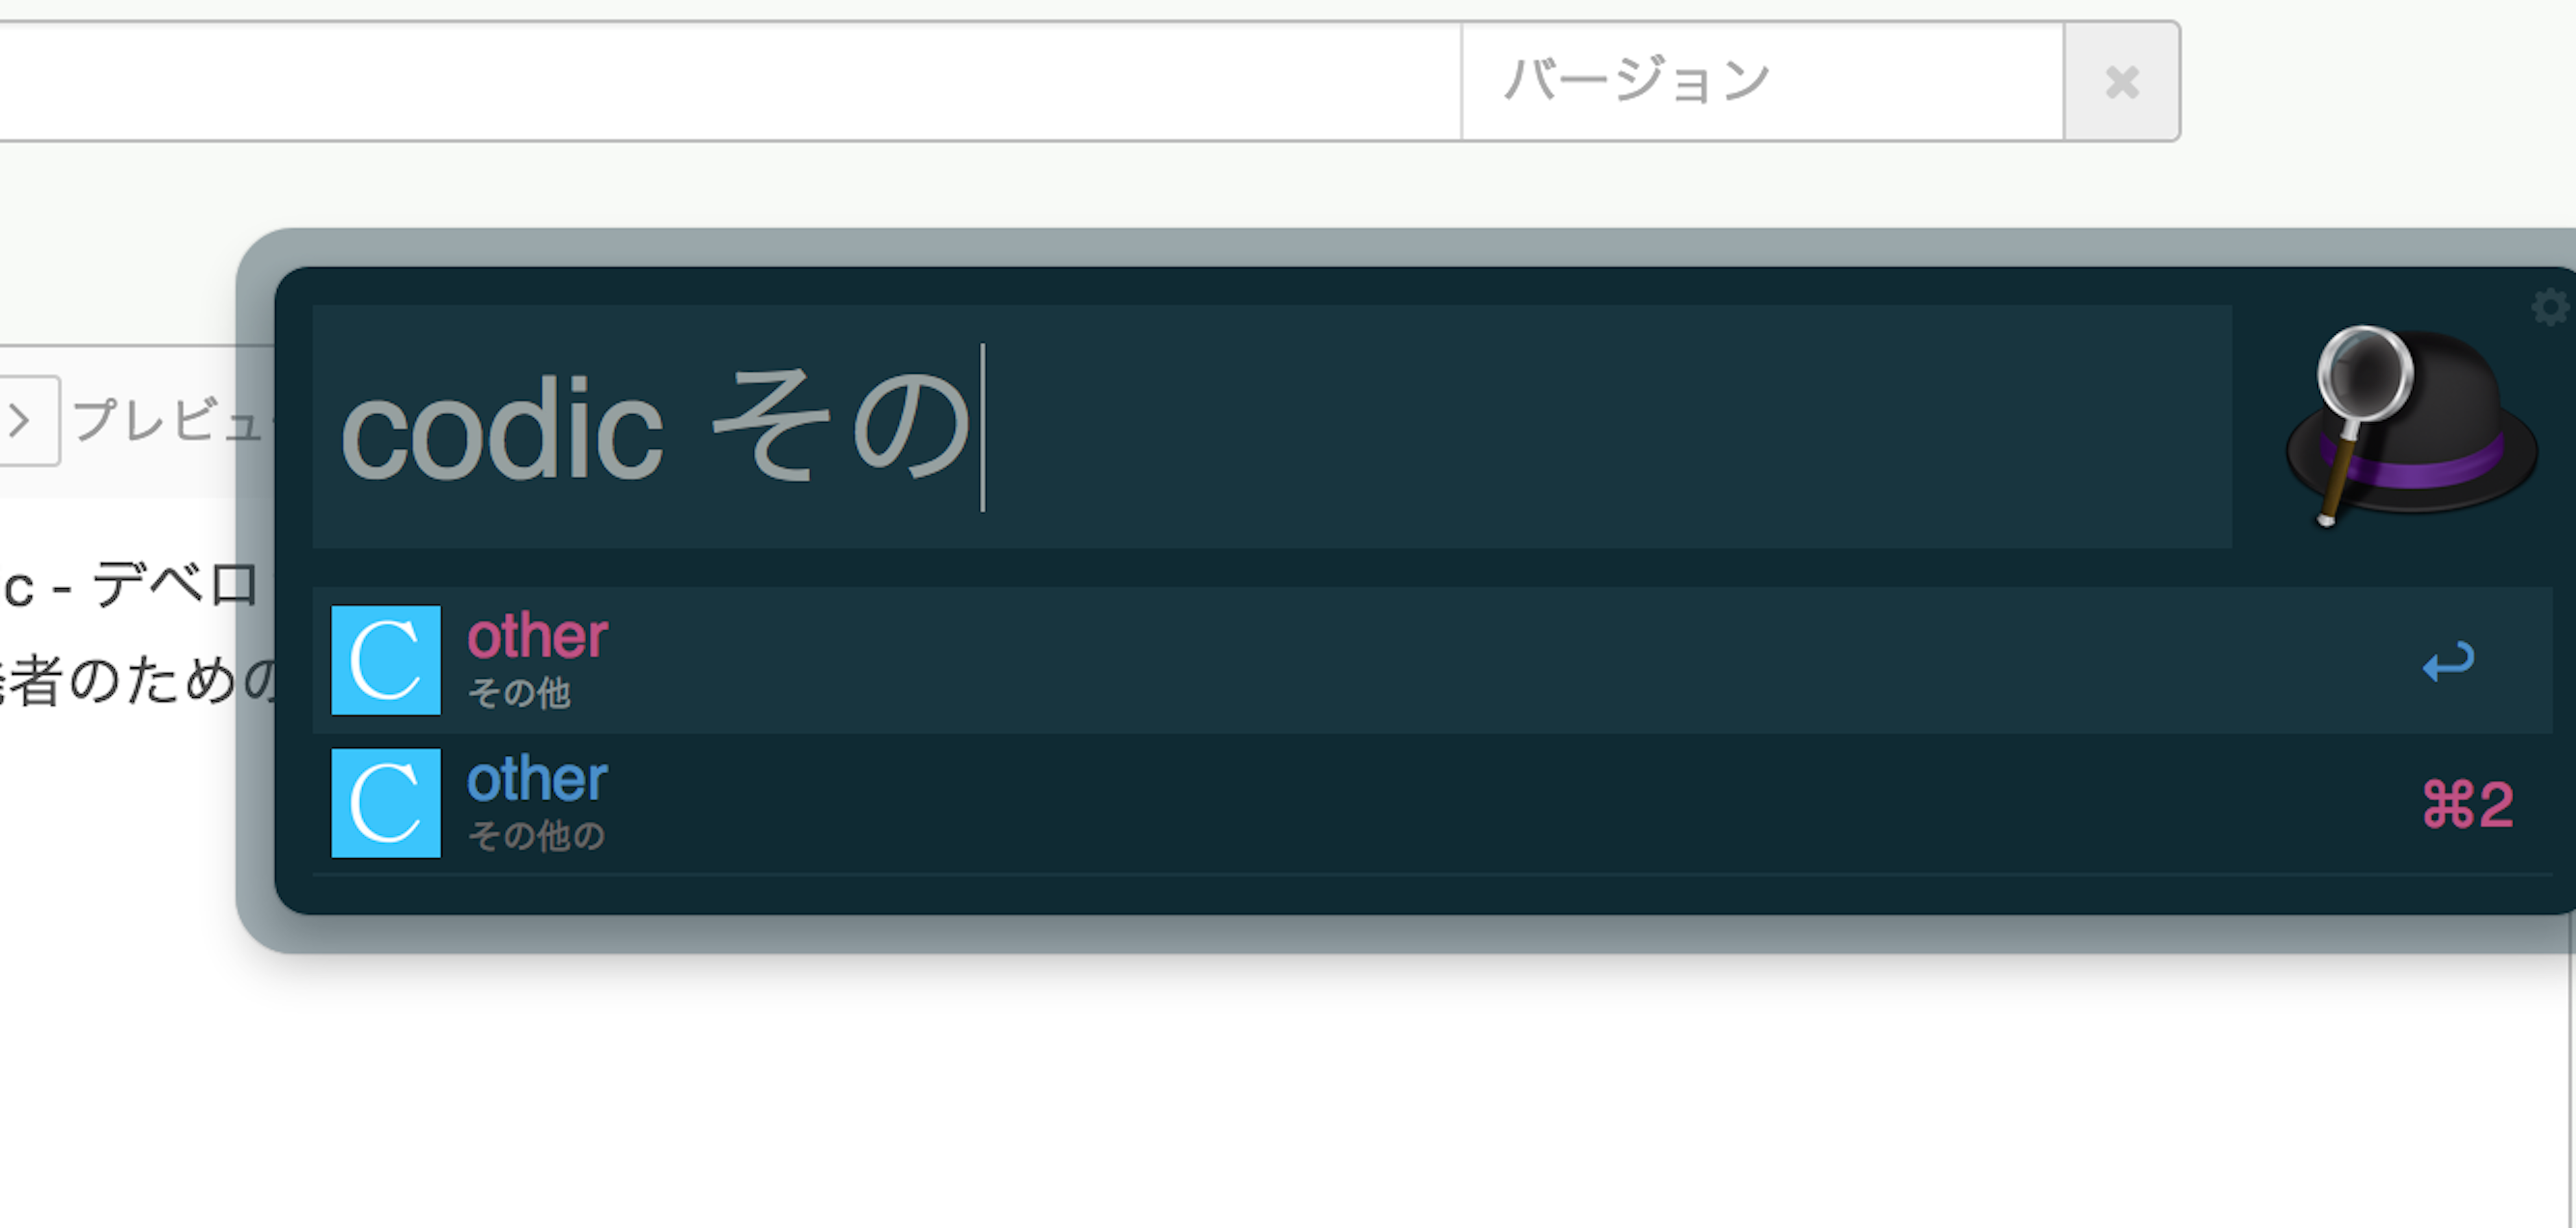 スクリーンショット 2014-12-18 18.57.38.png